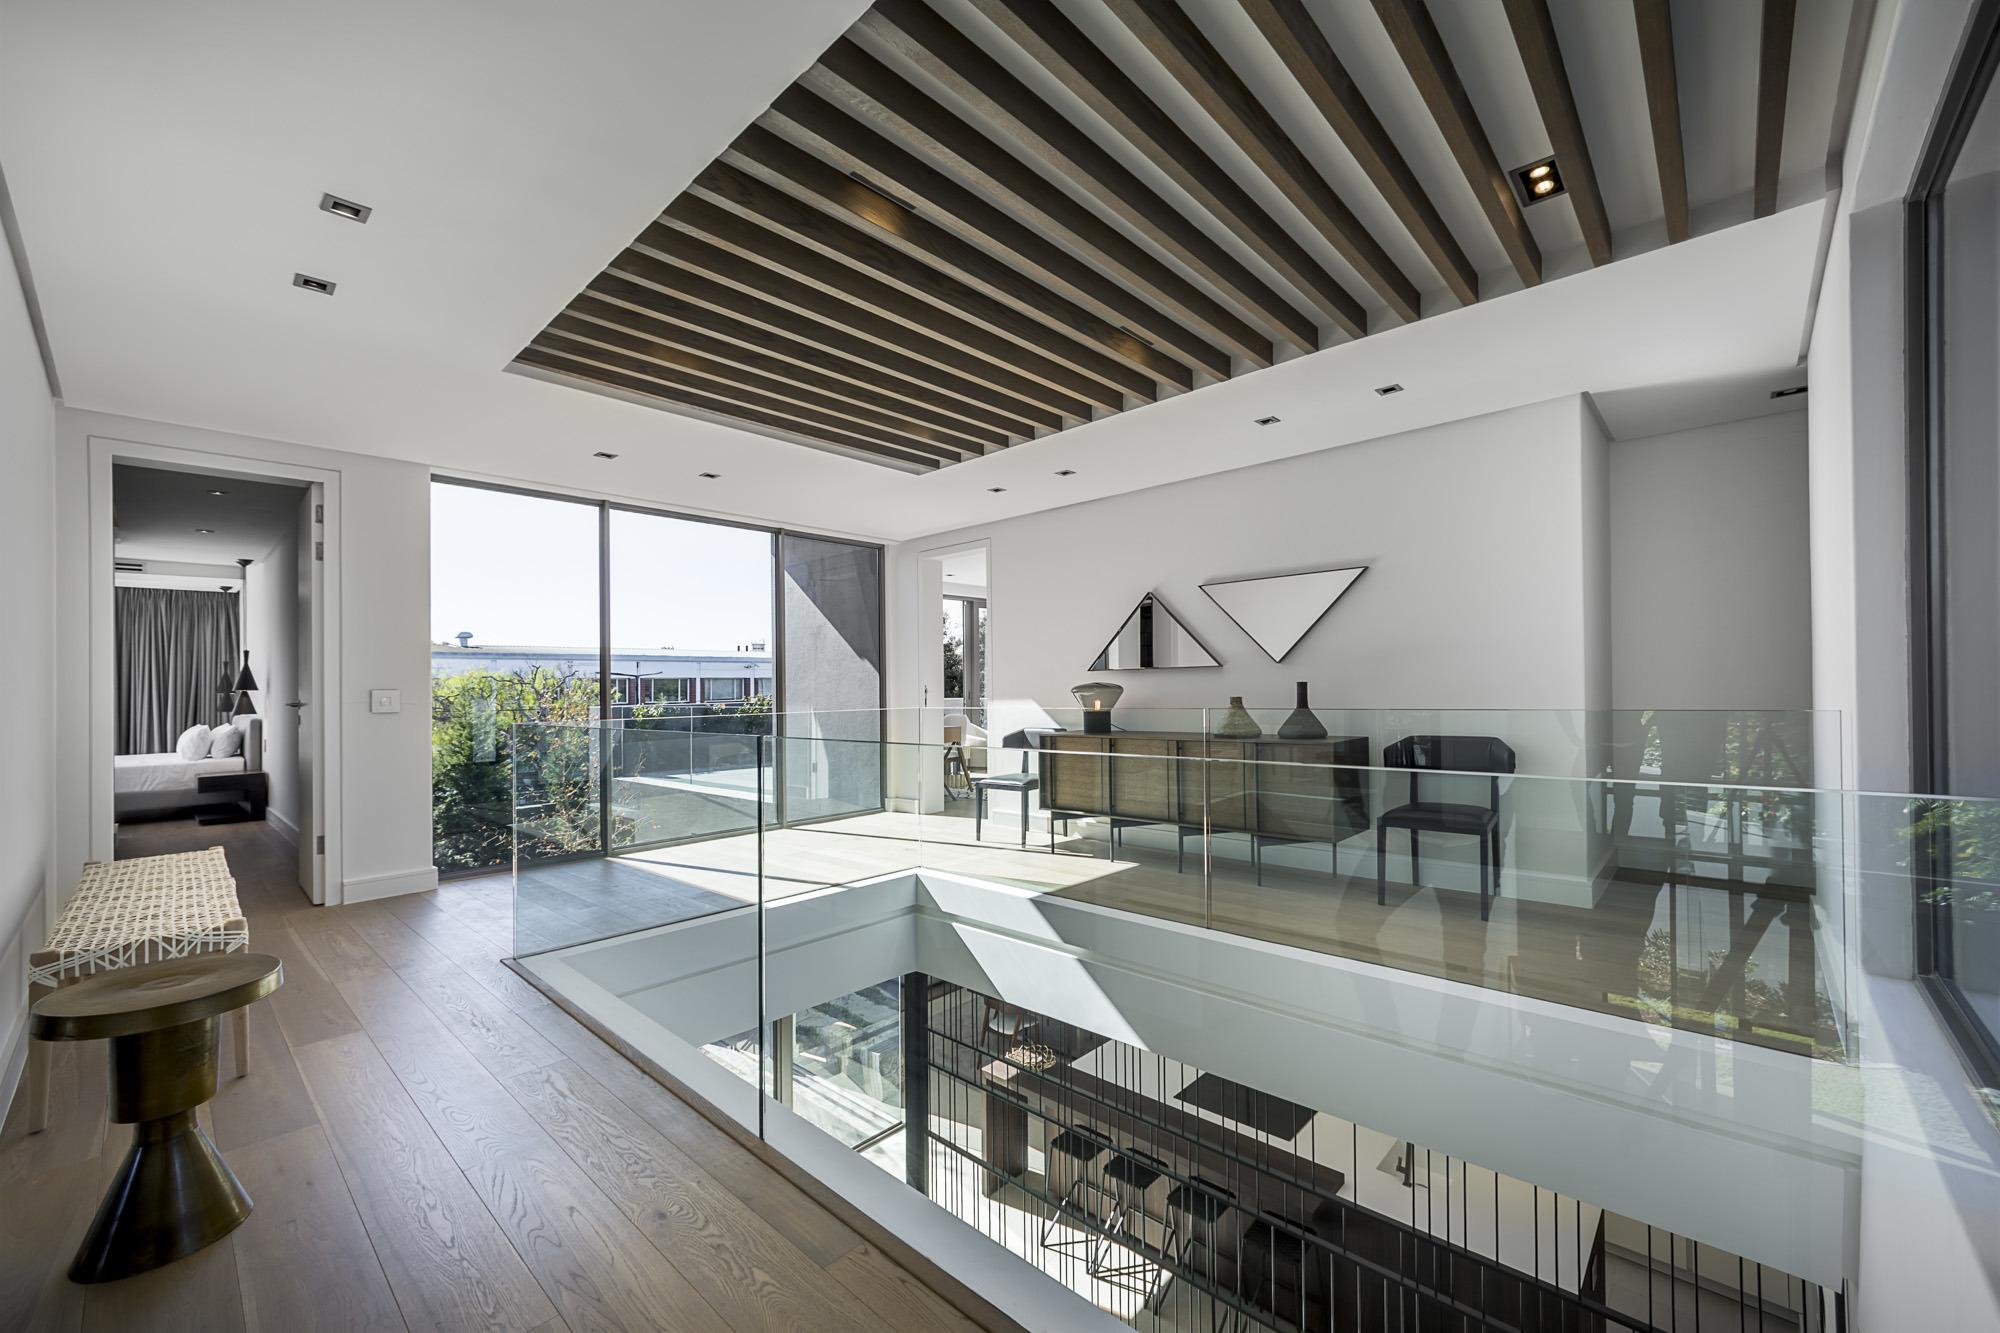 Arquitectura residencial, los materiales más versátiles